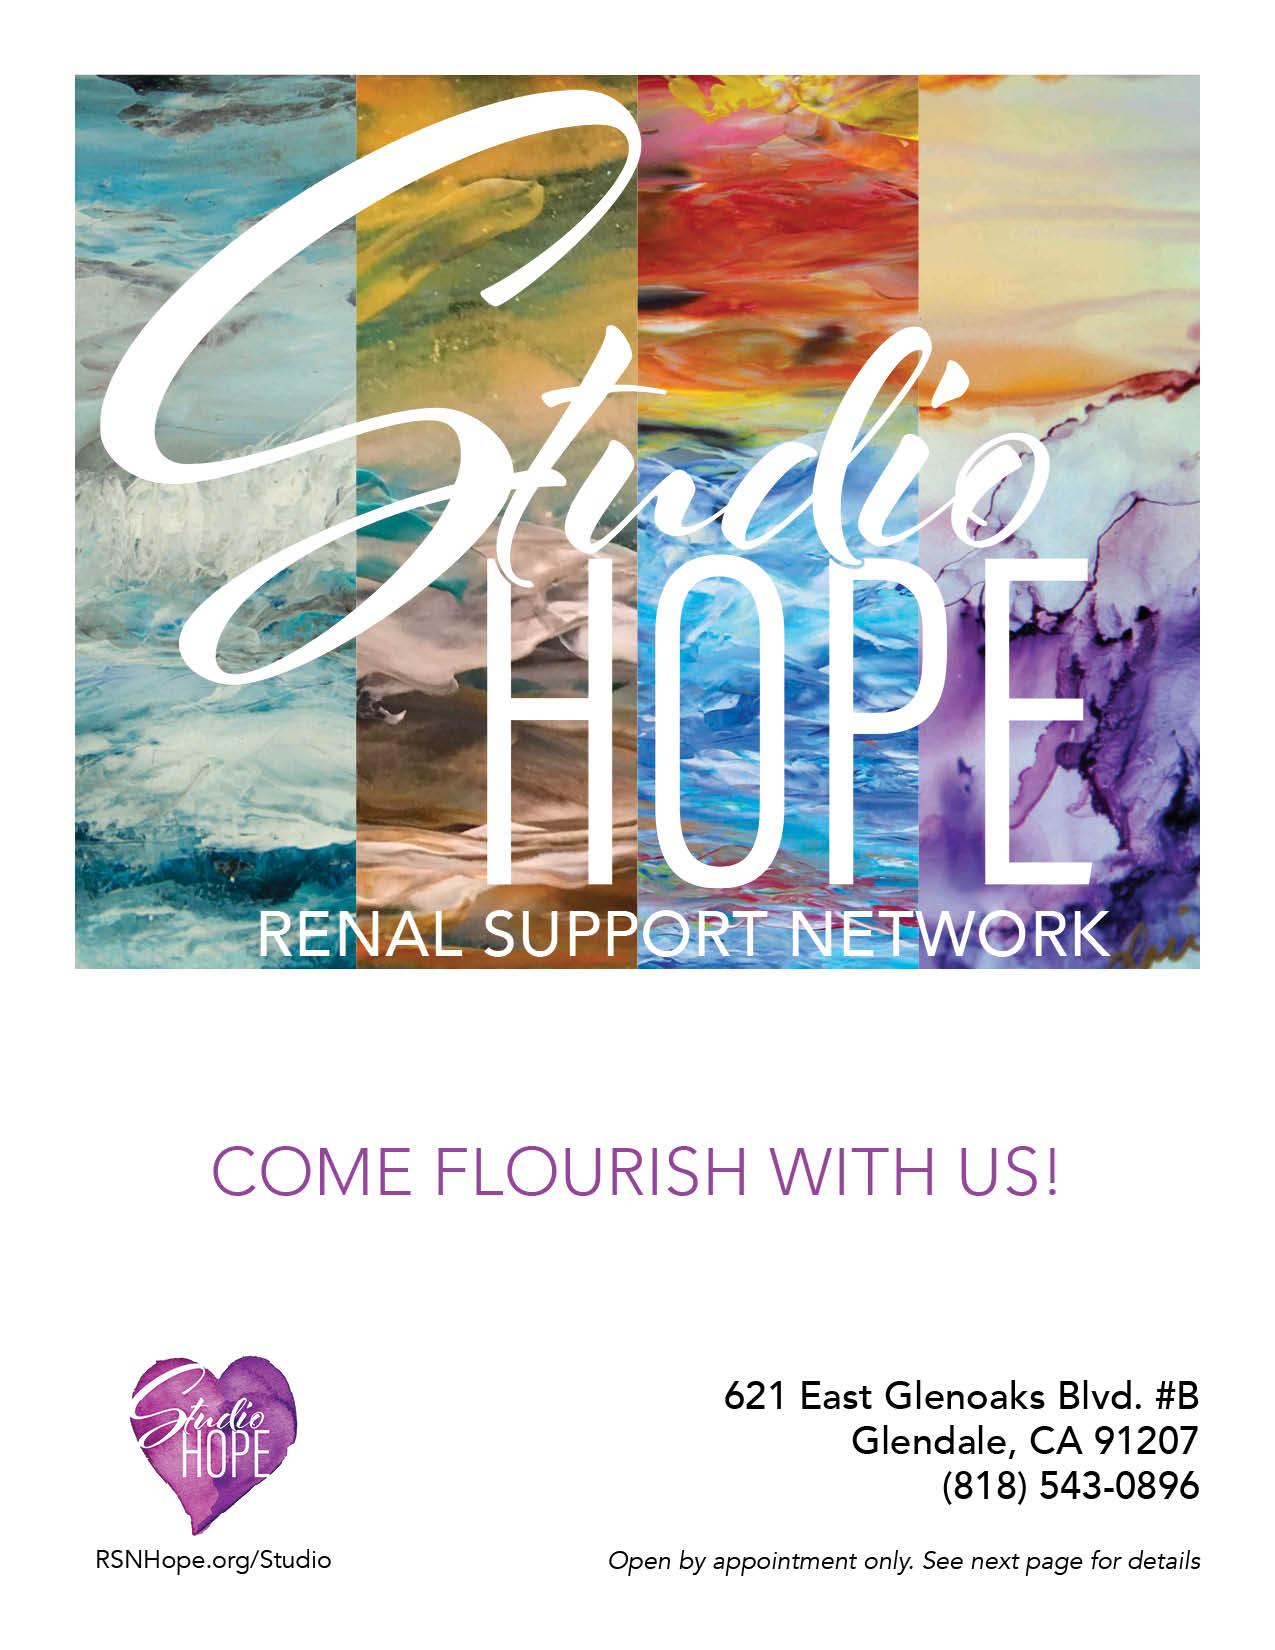 Studio Hope Flyer - download